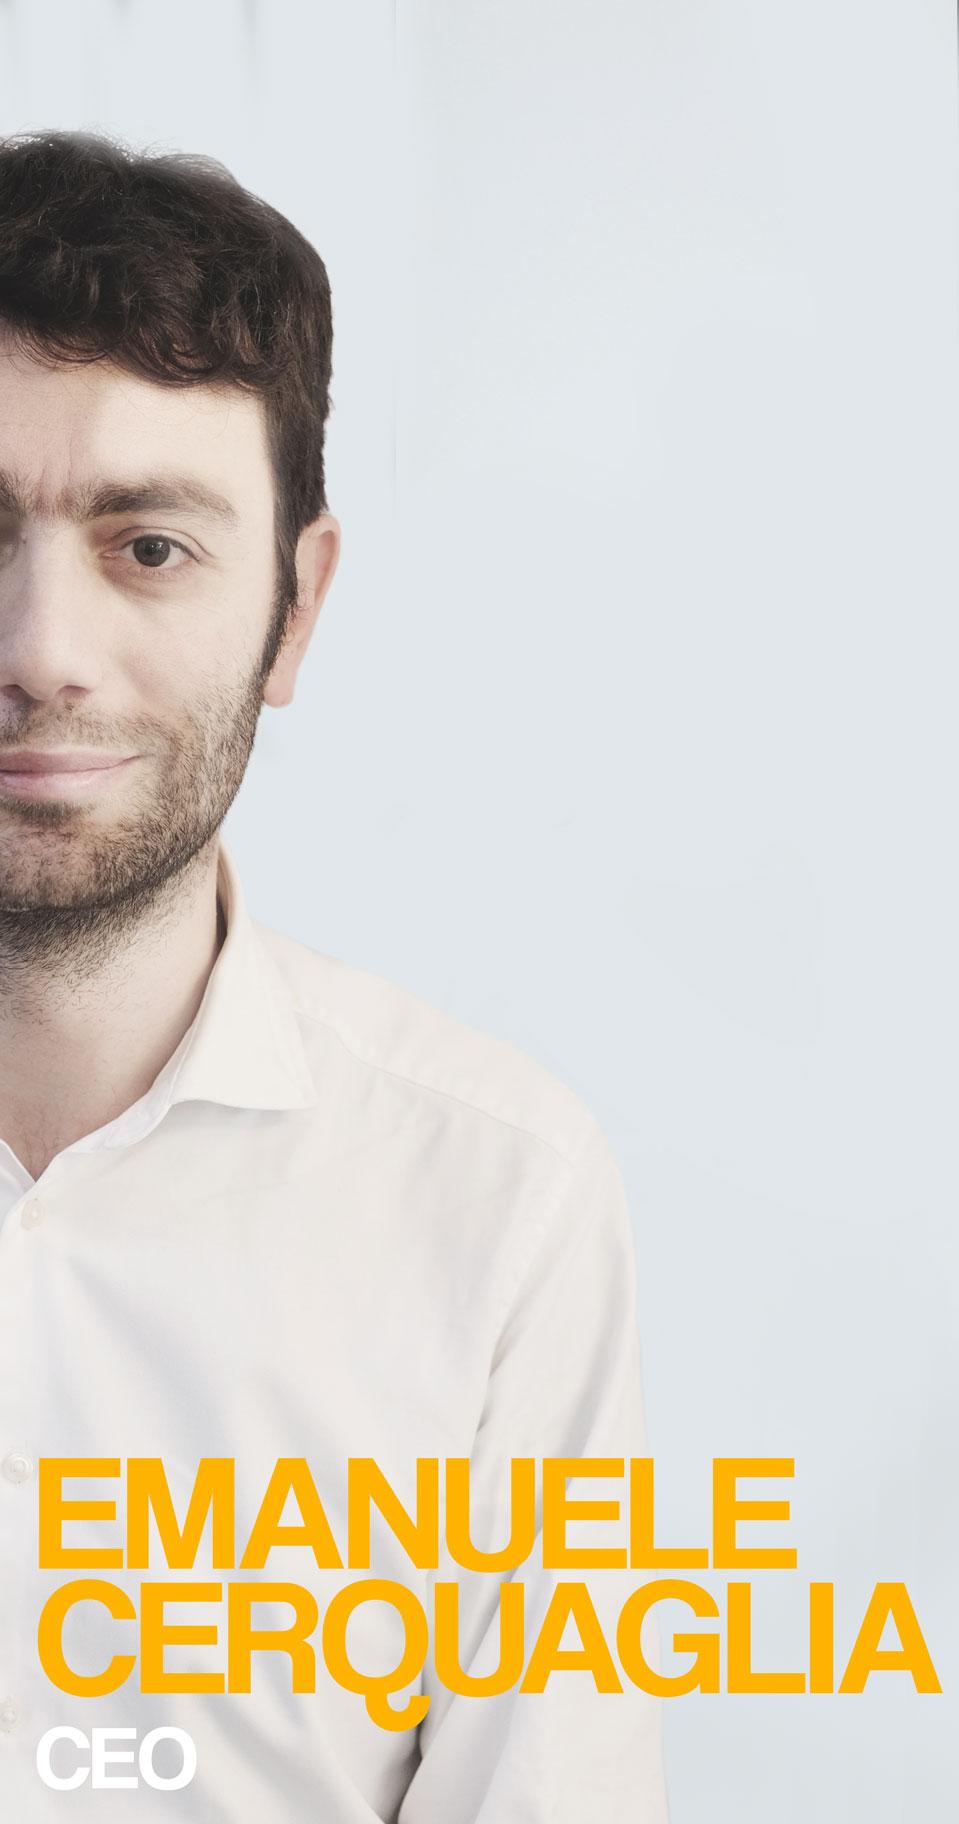 Emanuele Cerquaglia